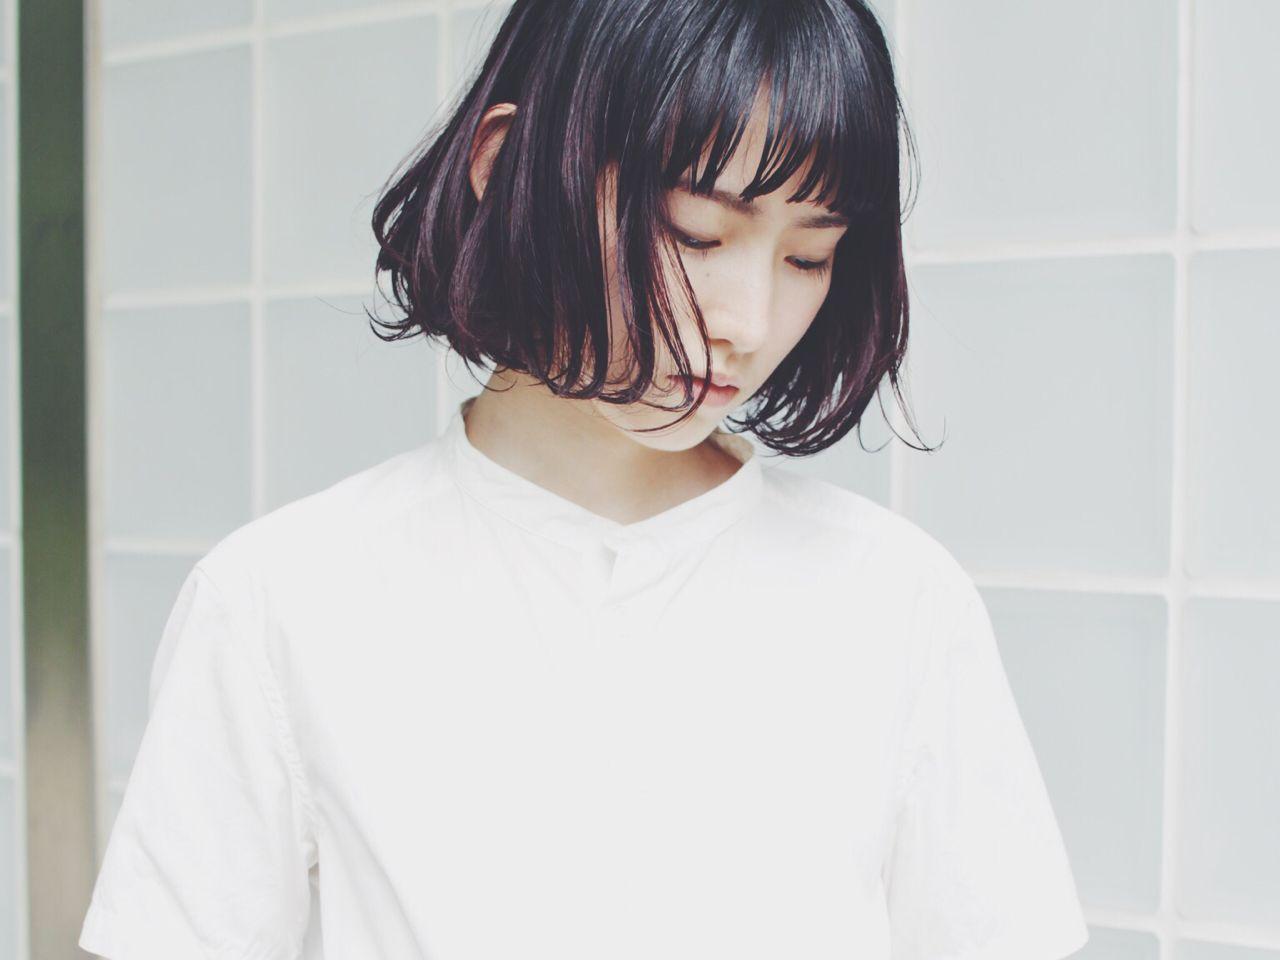 【ヘアカタログ】黒髪を活かしたヘアスタイル8選  佐野 正人 / nanuk